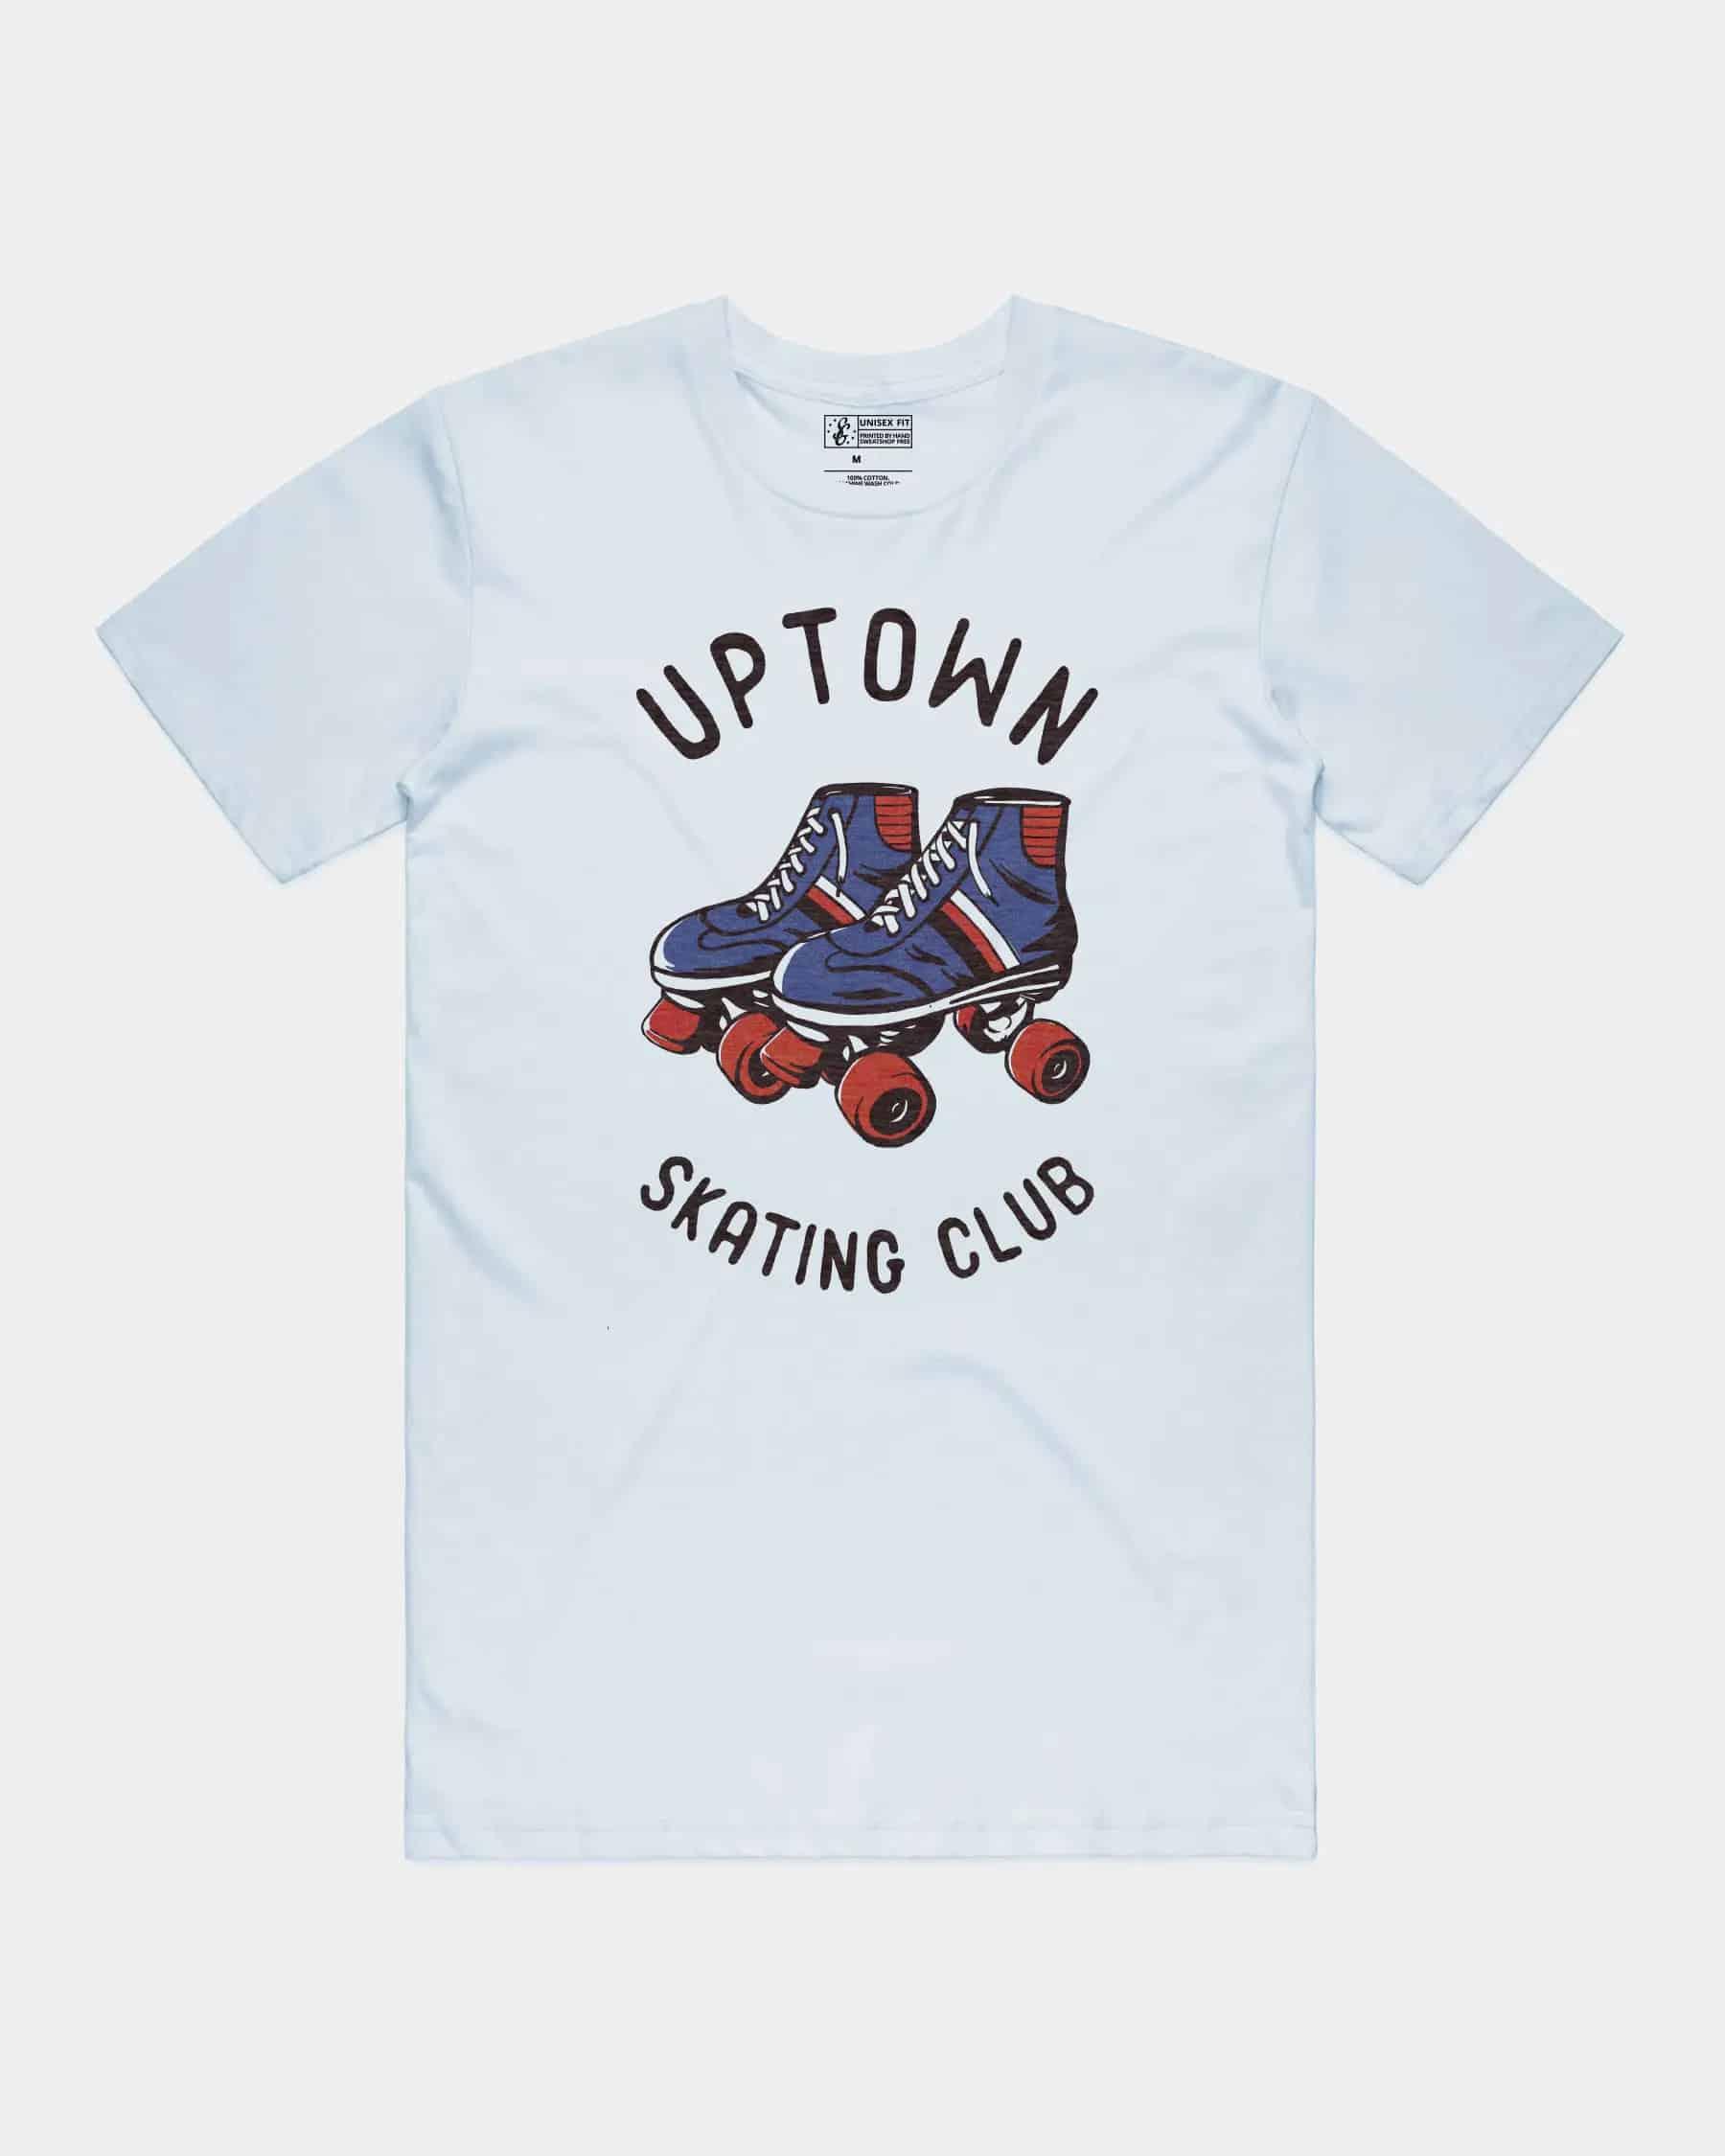 Uptown Skating Club Tee